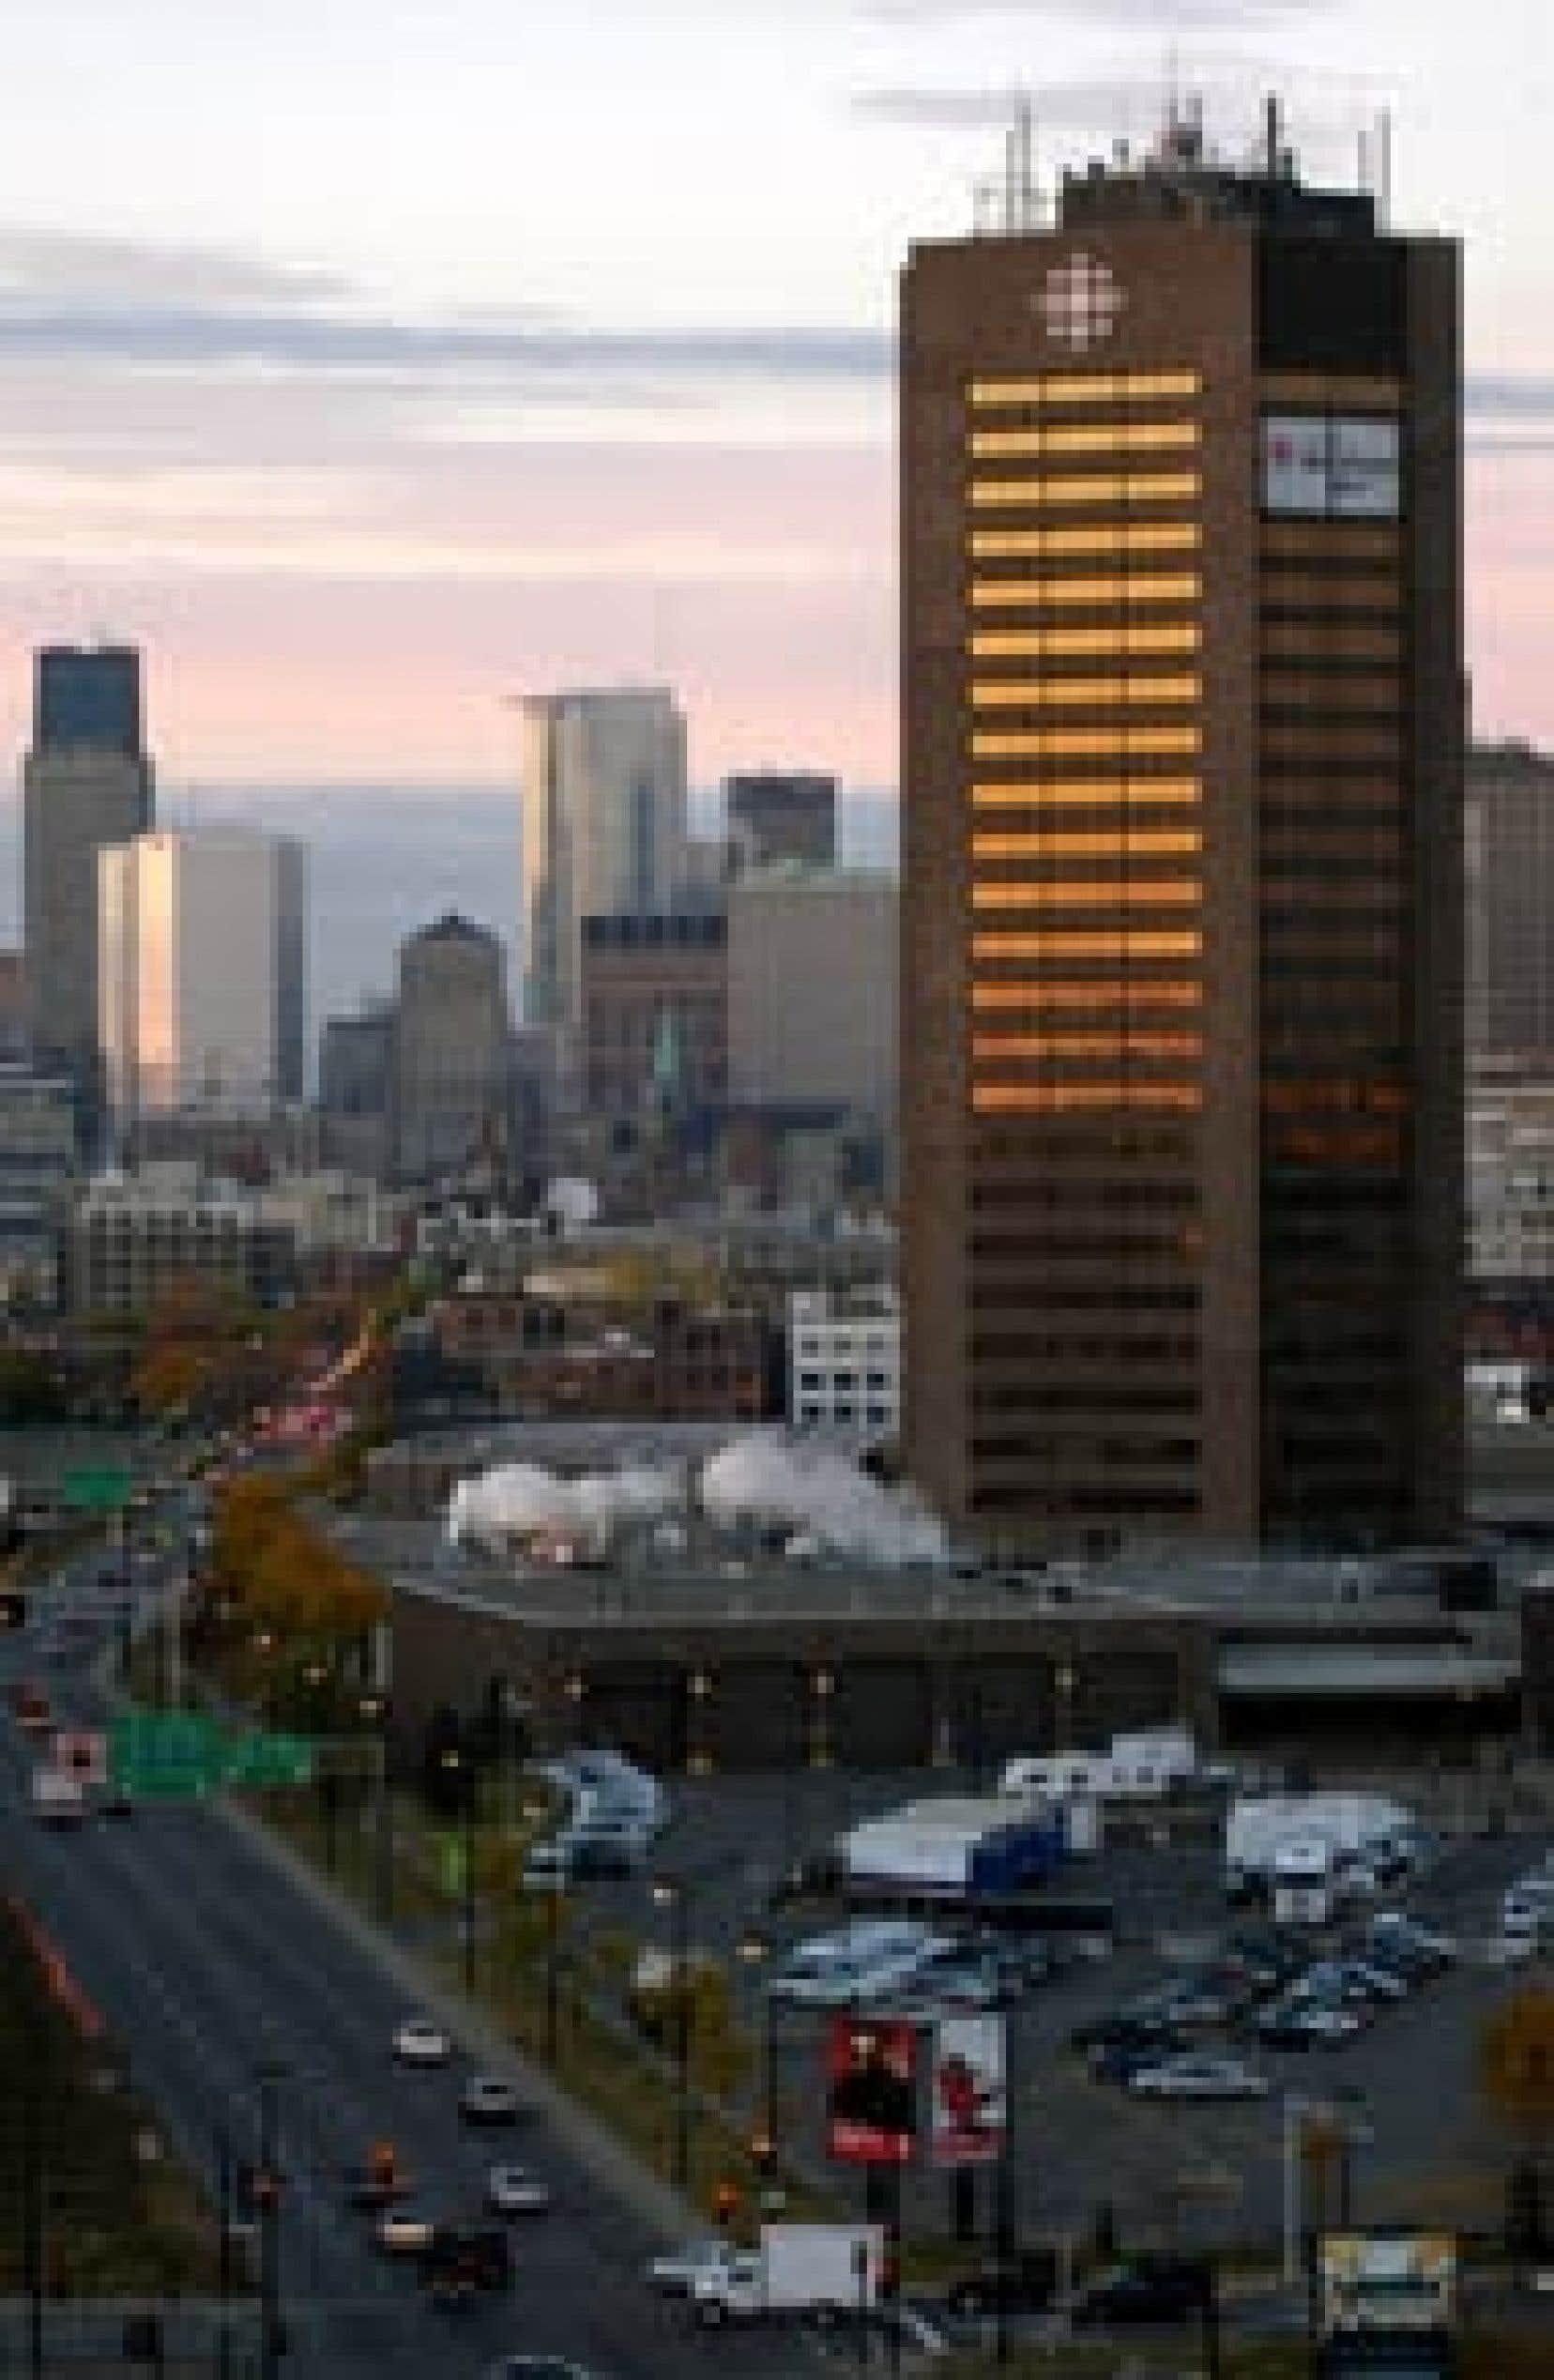 Le Conference Board, constatant entre autres que l'emploi n'a fait aucun gain à Montréal d'avril à juin par rapport à 2004, s'attend désormais à ce que la croissance économique de la métropole se chiffre à 1,8 % en 2005.